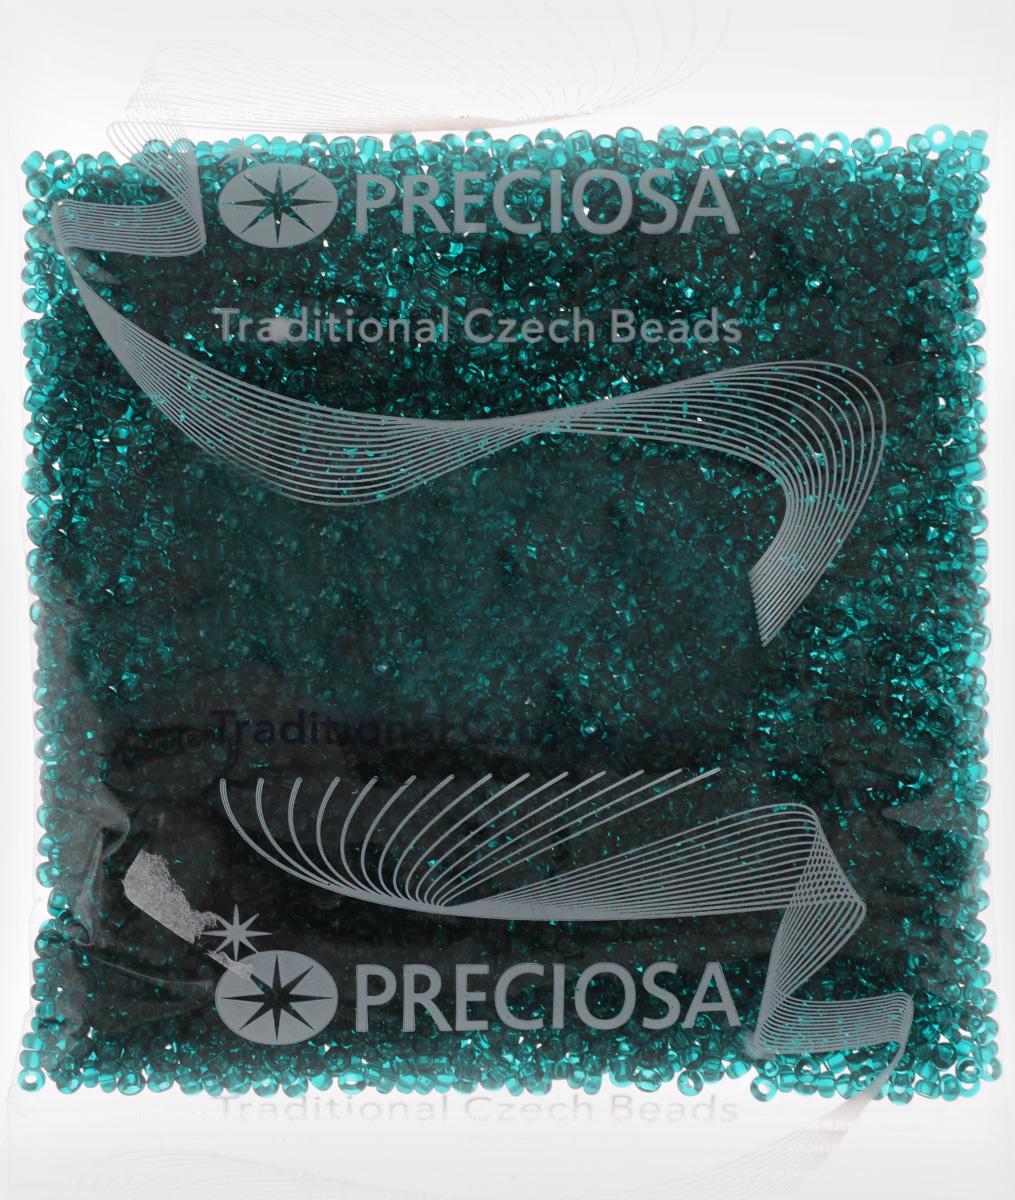 Бисер Preciosa Ассорти, прозрачный, цвет: изумрудный (22), 10/0, 50 г163142_22Бисер Preciosa Ассорти, изготовленный из стекла круглой формы, позволит вам своими руками создать оригинальные ожерелья, бусы или браслеты, а также заняться вышиванием. В бисероплетении часто используют бисер разных размеров и цветов. Он идеально подойдет для вышивания на предметах быта и женской одежде. Изготовление украшений - занимательное хобби и реализация творческих способностей рукодельницы, это возможность создания неповторимого индивидуального подарка.